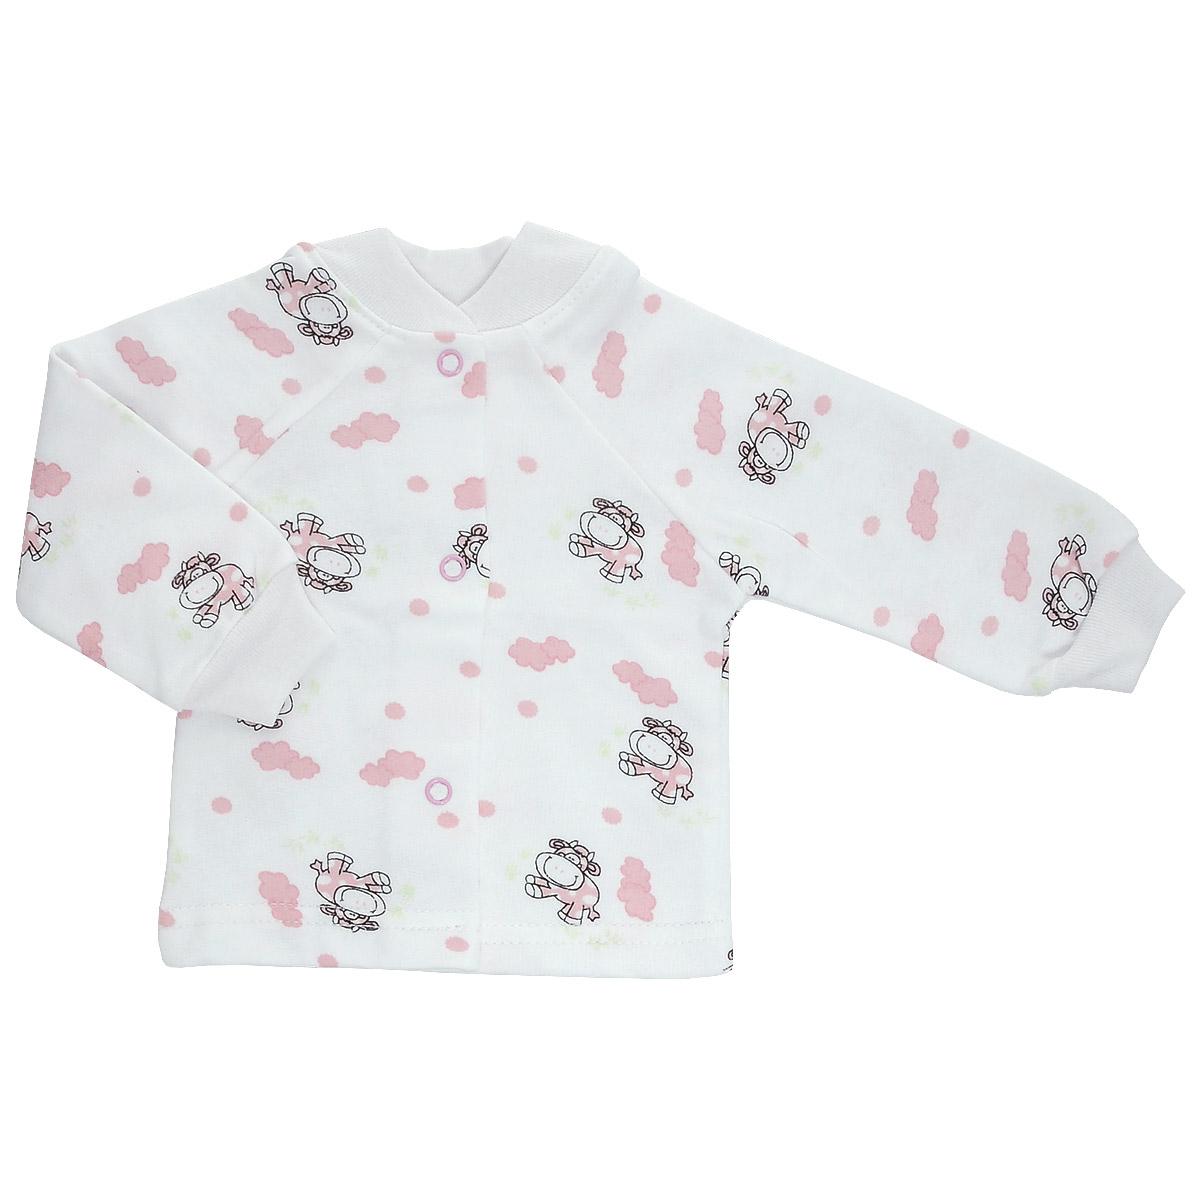 Кофточка детская Трон-Плюс, цвет: белый, розовый, рисунок коровы. 5174. Размер 62, 3 месяца5174Кофточка для новорожденного Трон-плюс с длинными рукавами и небольшим воротничком-стоечкой послужит идеальным дополнением к гардеробу вашего ребенка, обеспечивая ему наибольший комфорт. Изготовленная из футера - натурального хлопка, она необычайно мягкая и легкая и теплая, не раздражает нежную кожу ребенка и хорошо вентилируется, а эластичные швы приятны телу малыша и не препятствуют его движениям. Удобные застежки-кнопки по всей длине помогают легко переодеть младенца. Рукава-реглан понизу дополнены трикотажными манжетами, не пережимающими ручку. Воротничок дополнен эластичной трикотажной резинкой. Кофточка полностью соответствует особенностям жизни ребенка в ранний период, не стесняя и не ограничивая его в движениях.